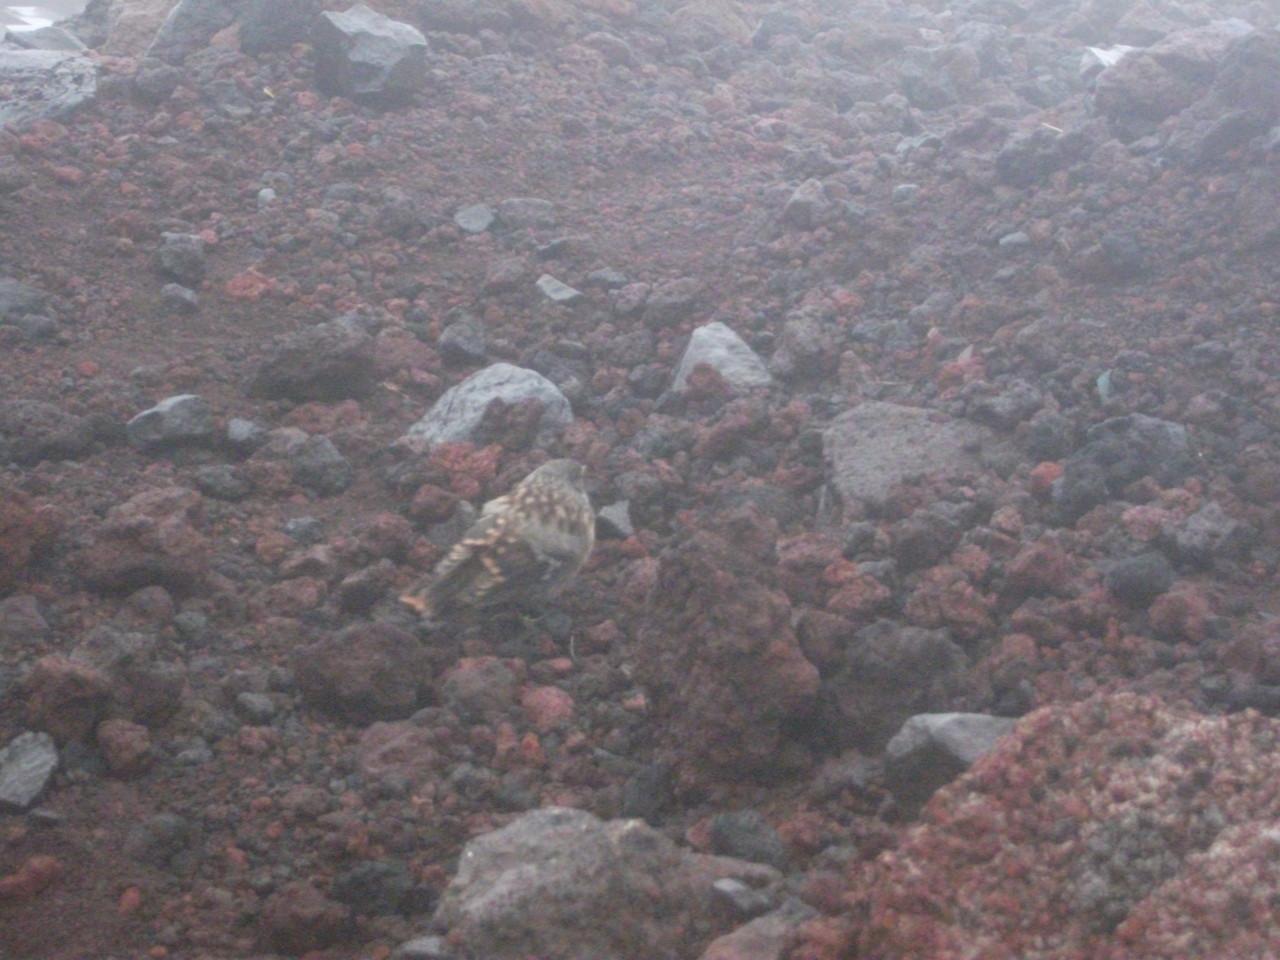 8合目山小屋 謎の野鳥(イワヒバリorカヤクグリ)その2